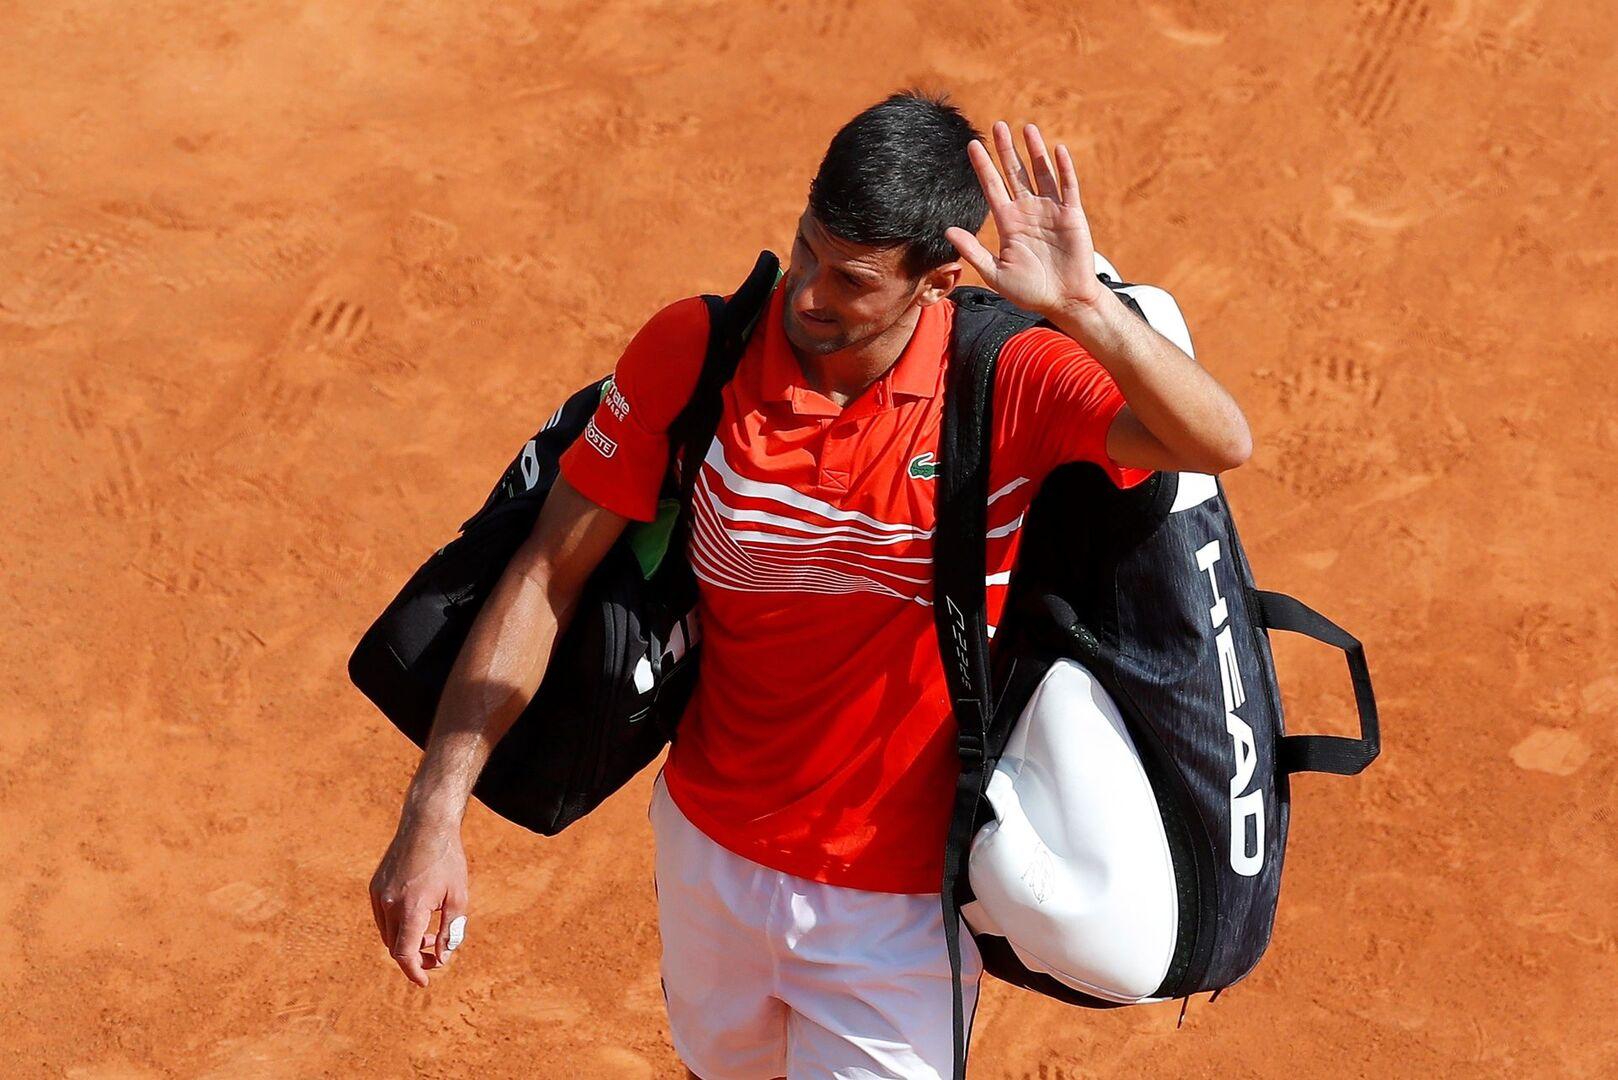 Medvedev da la campanada y elimina a Djokovic en Montecarlo